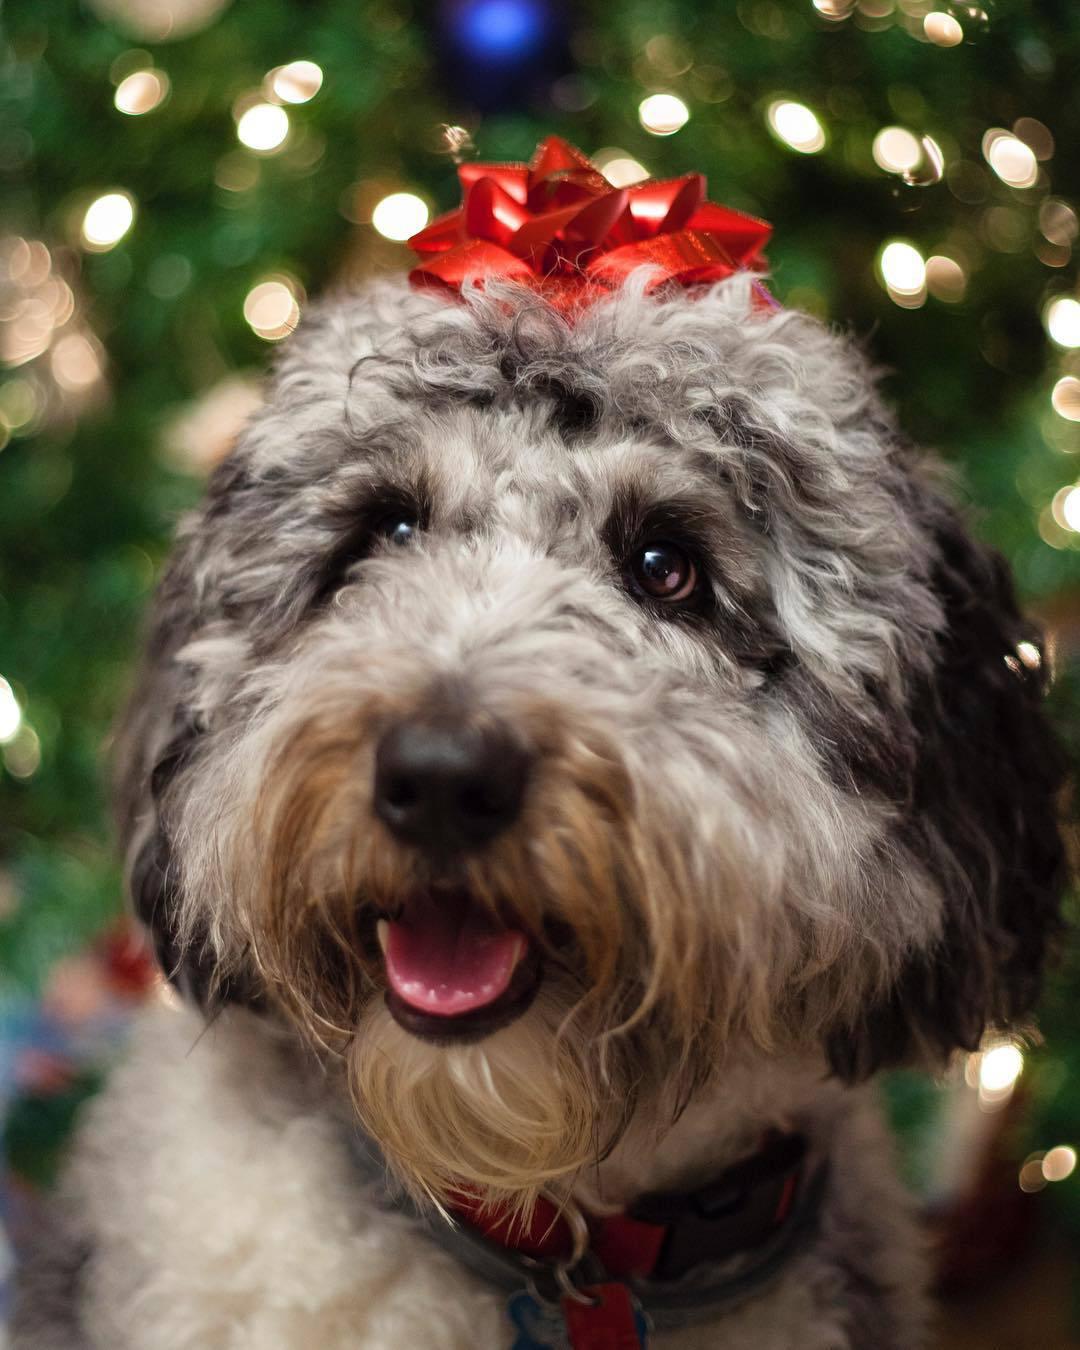 A dog with a bow on head